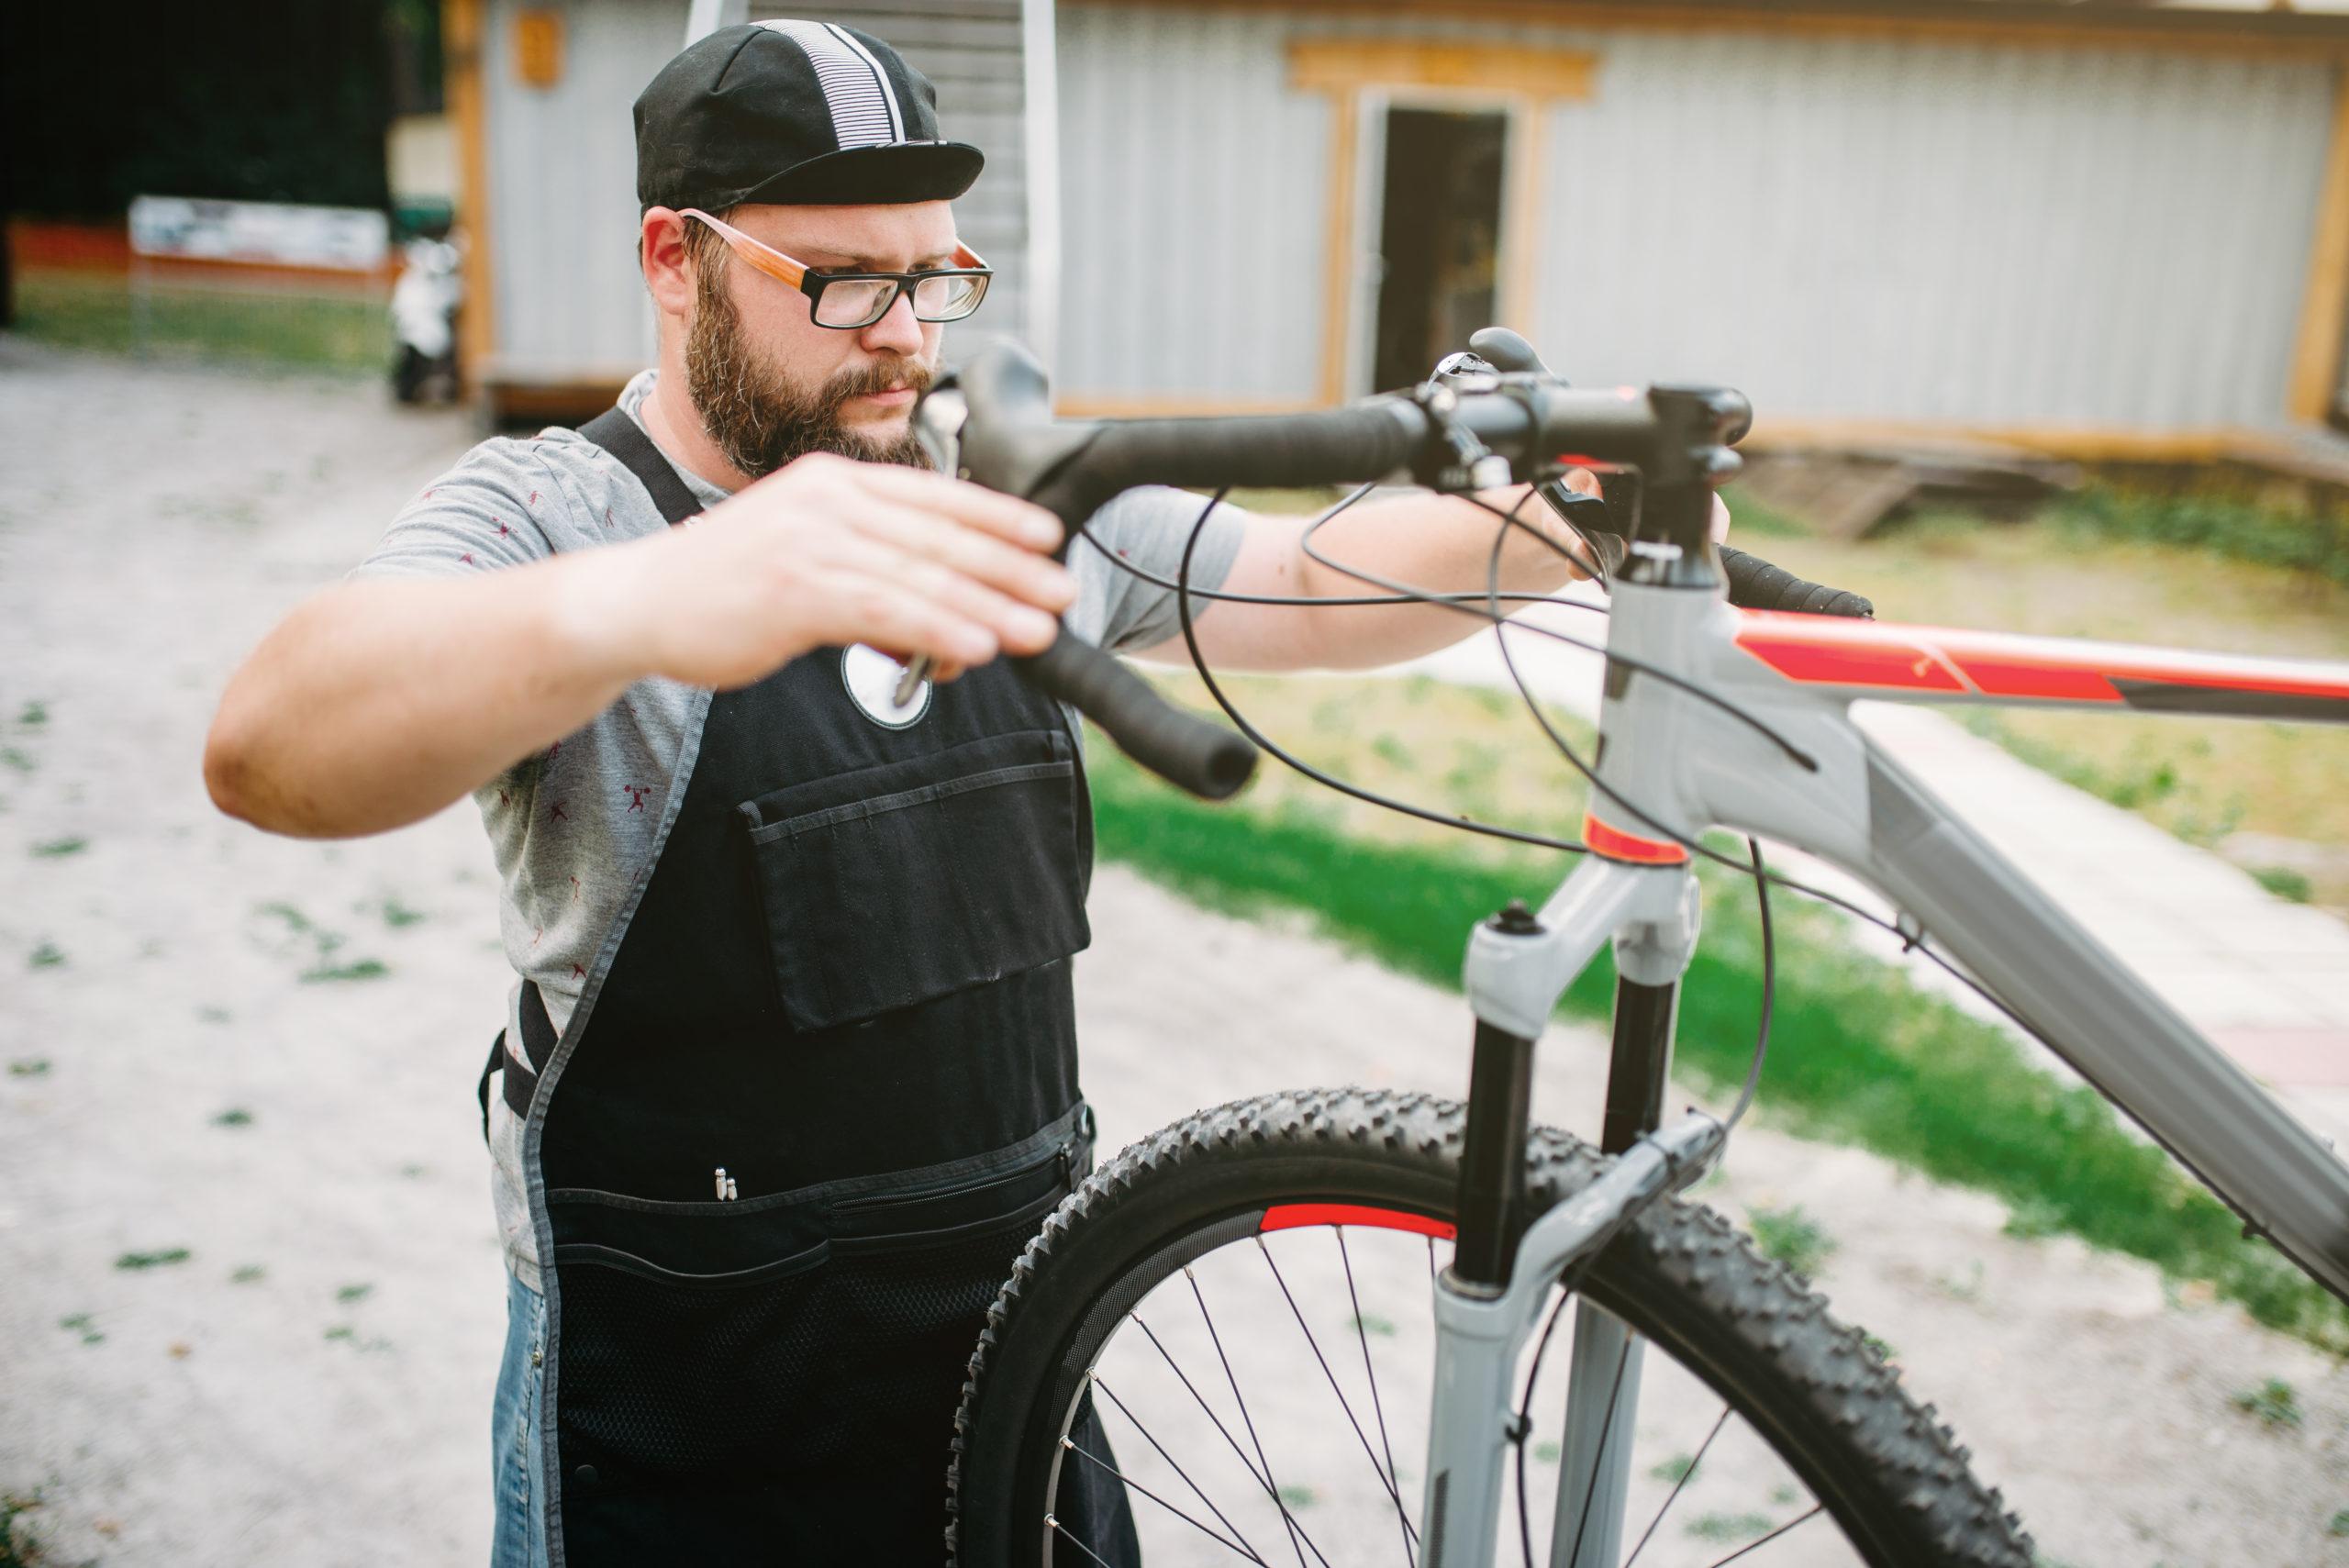 Quando levar sua bicicleta para revisão?